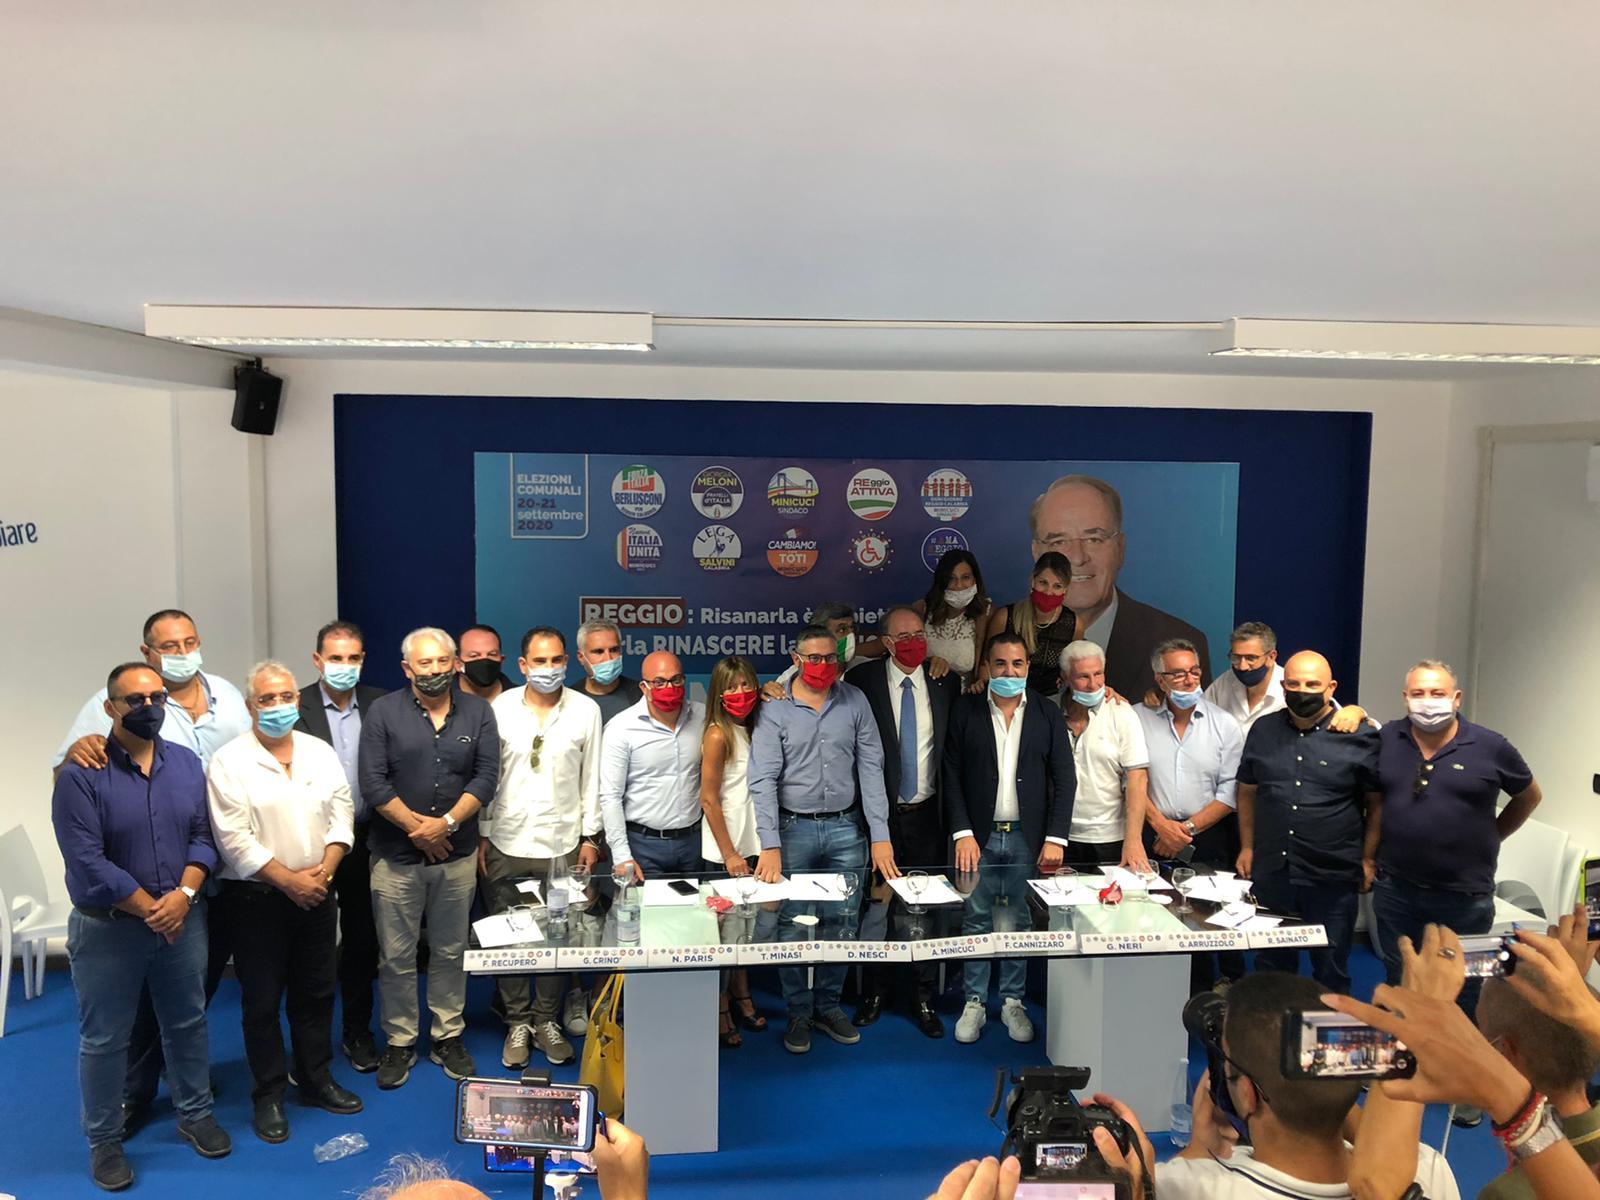 Elezioni a Reggio Calabria, il centrodestra unito: «Falcomatà scherza ma la città piange lacrime amare»